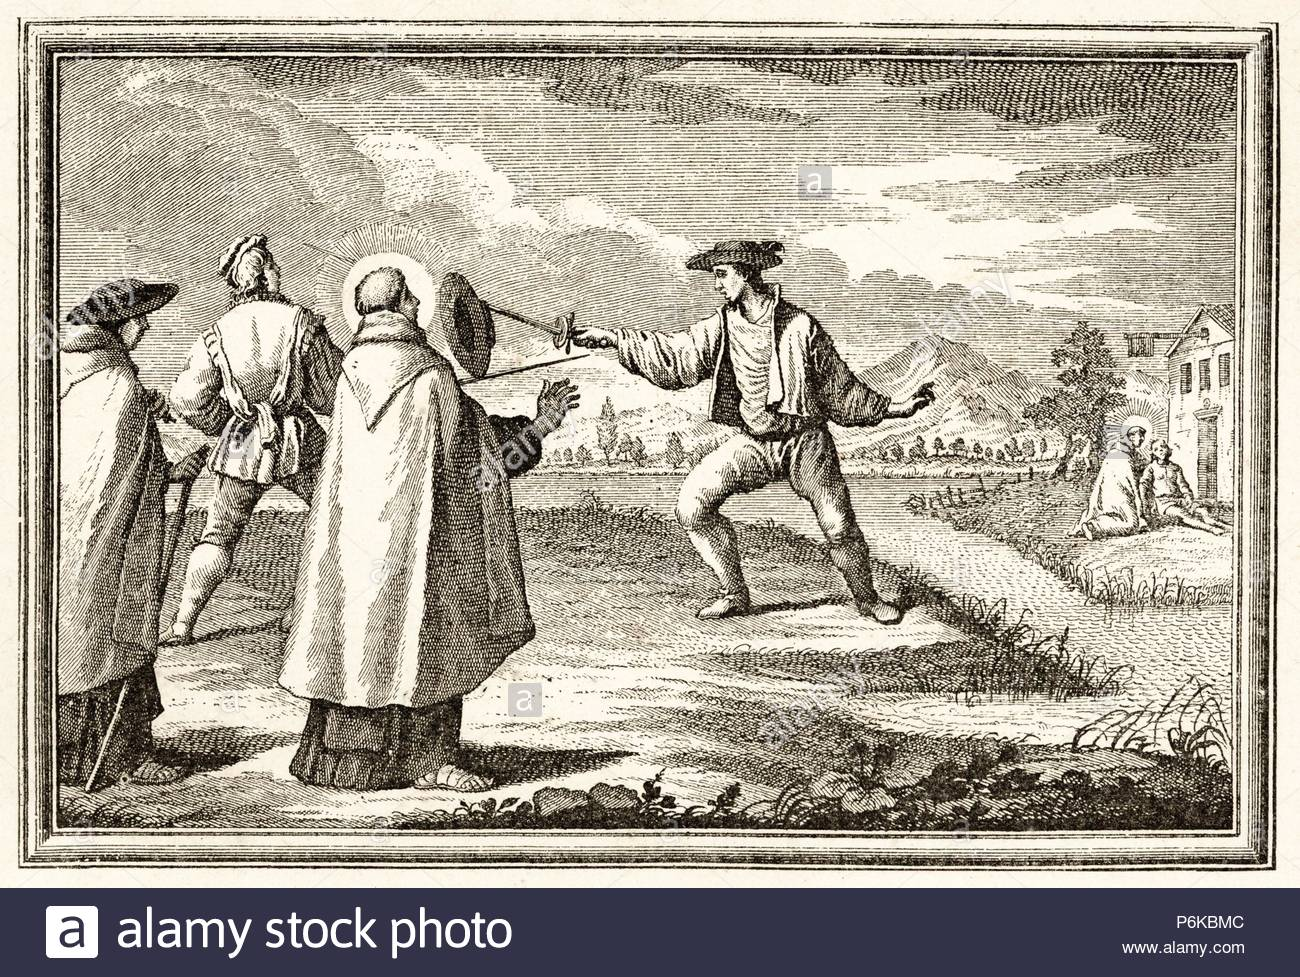 Vida de San Juan de la Cruz (1542-1591). Reconcilia y convierte a Dios a  dos hombres que se batían en duelo. Grabado de 1890.